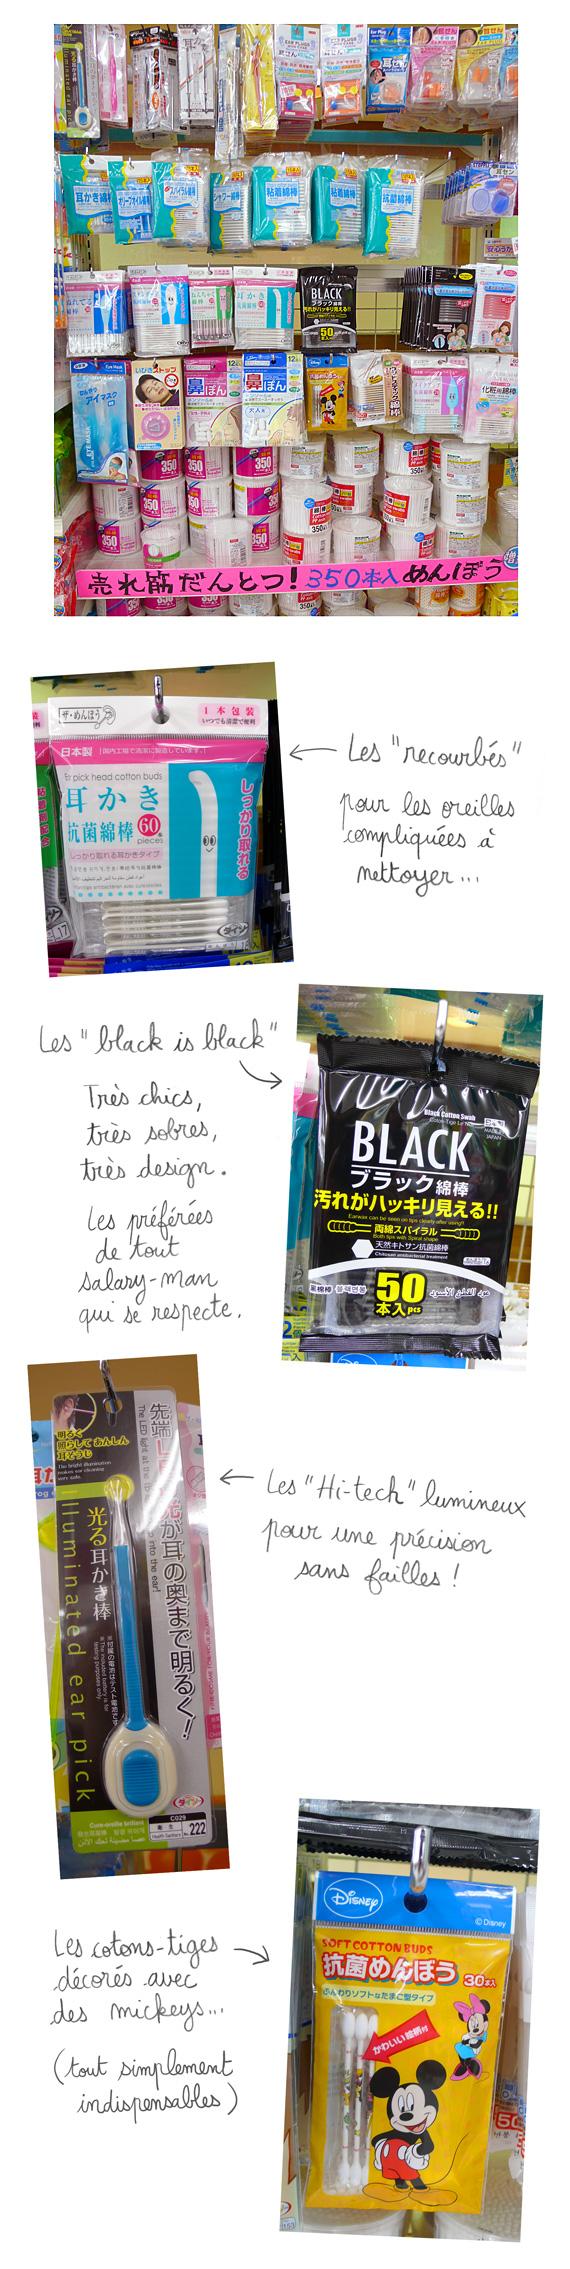 DAISO est une chaine de magasins tout à 100 yens, on y trouve de tout mais aussi et surtout n'importe quoi. Aujourd'hui visitons ensemble le rayon cotons-tiges. Coton-tige recourbé. Coton tige lumineux. Coton-tige noir. Coton-tige Mickey. Coton-tige en bambou. Coton-tige pointu.